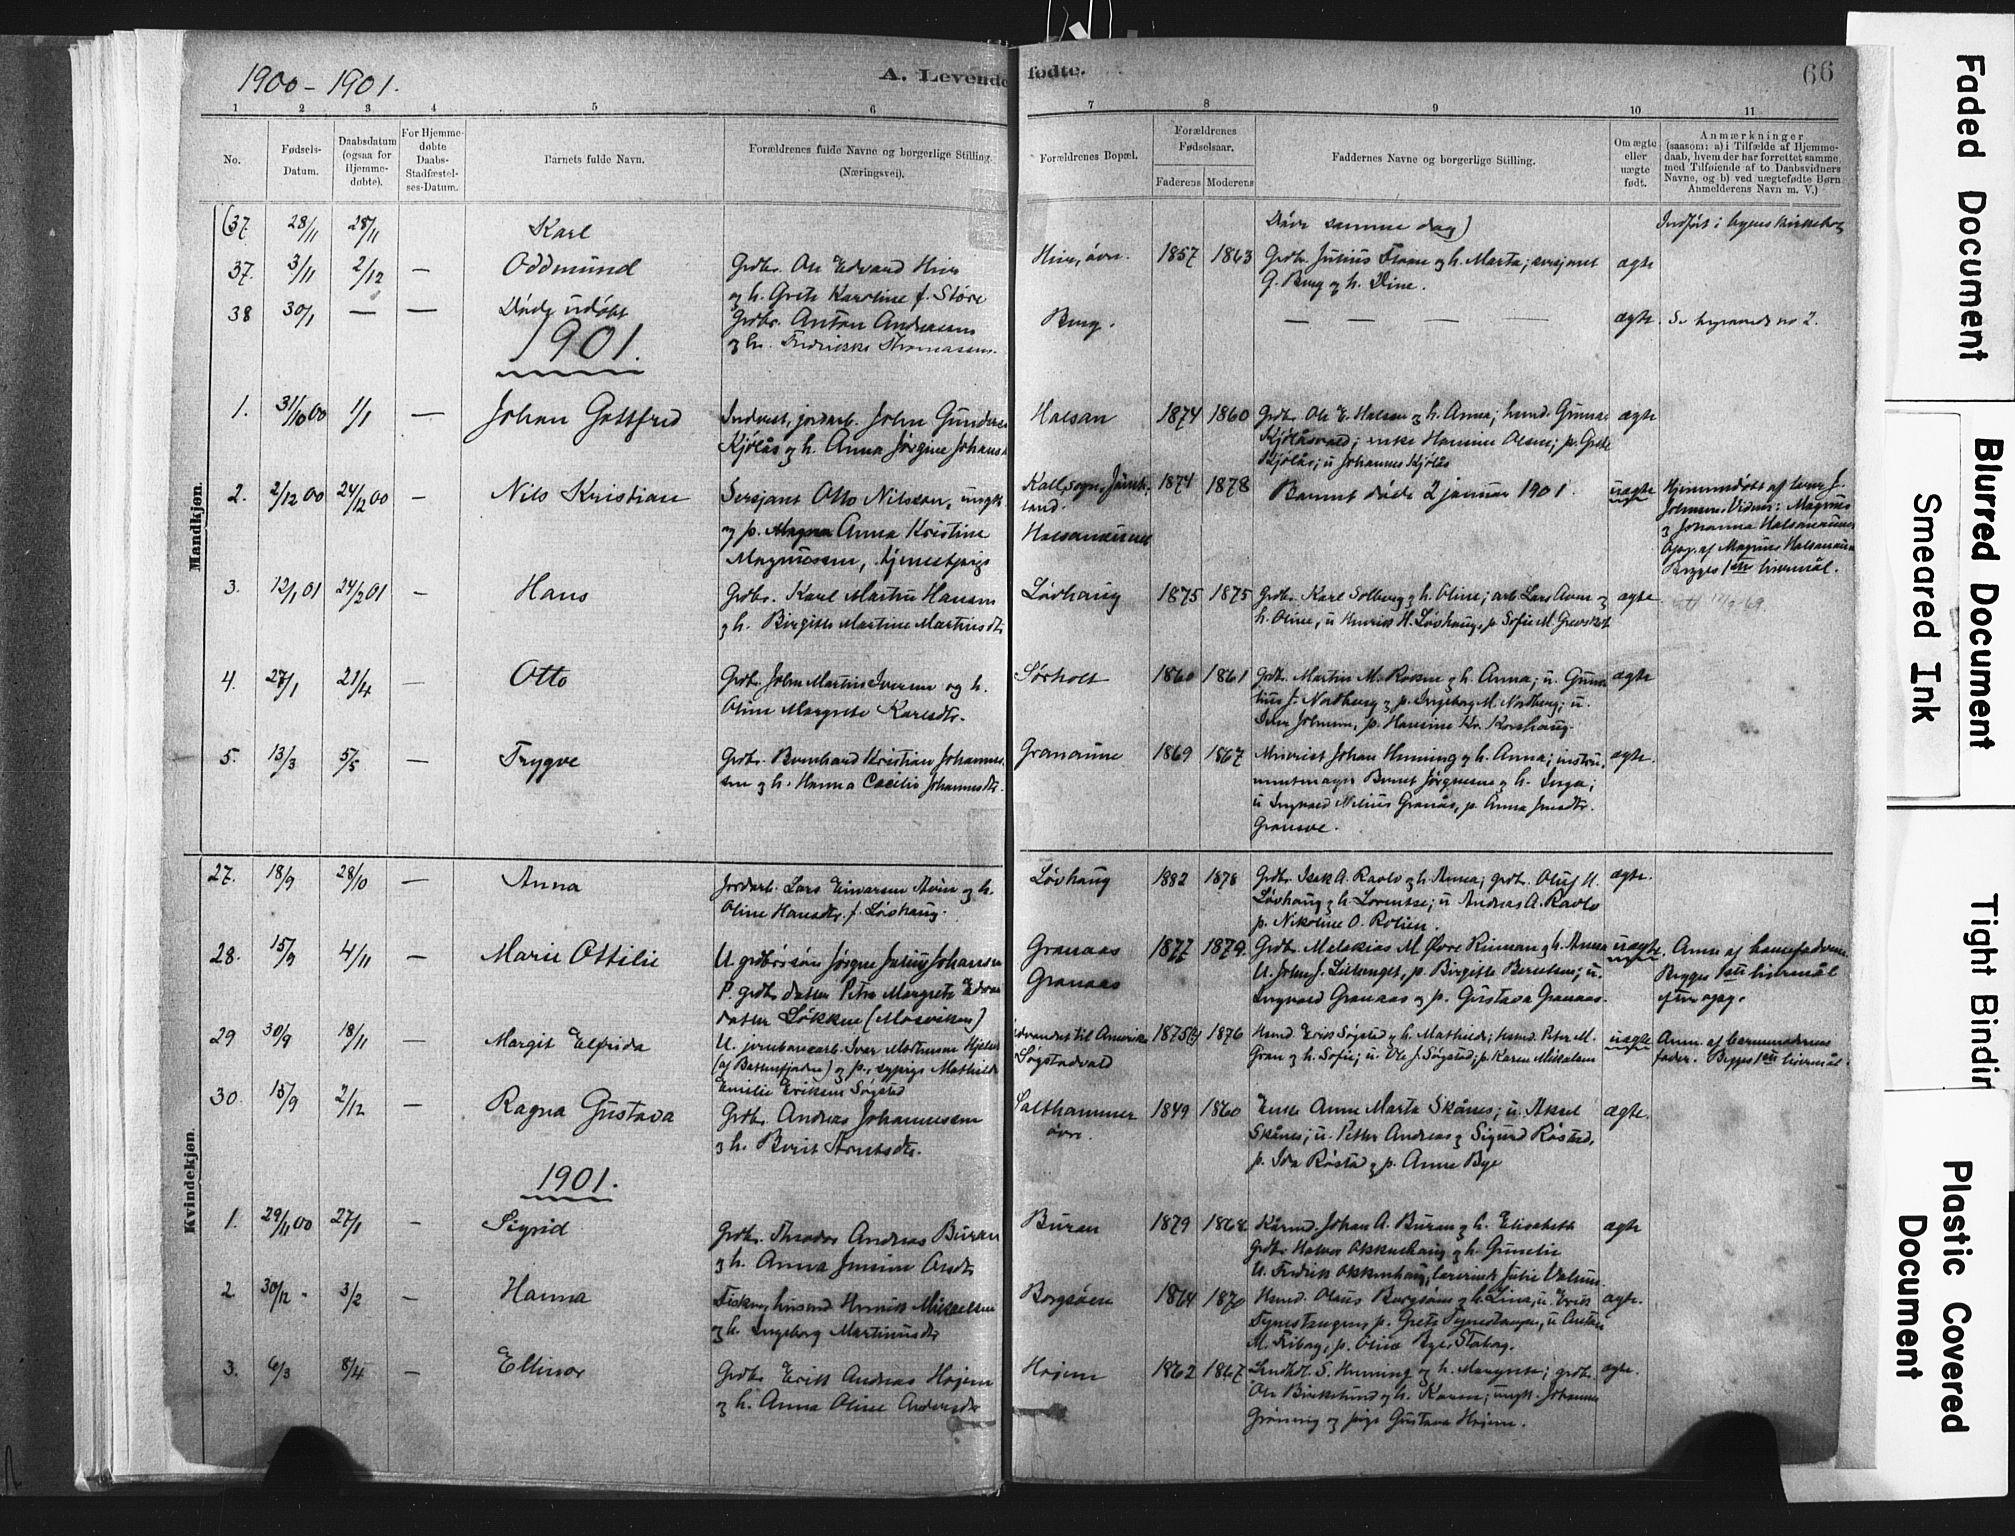 SAT, Ministerialprotokoller, klokkerbøker og fødselsregistre - Nord-Trøndelag, 721/L0207: Ministerialbok nr. 721A02, 1880-1911, s. 66